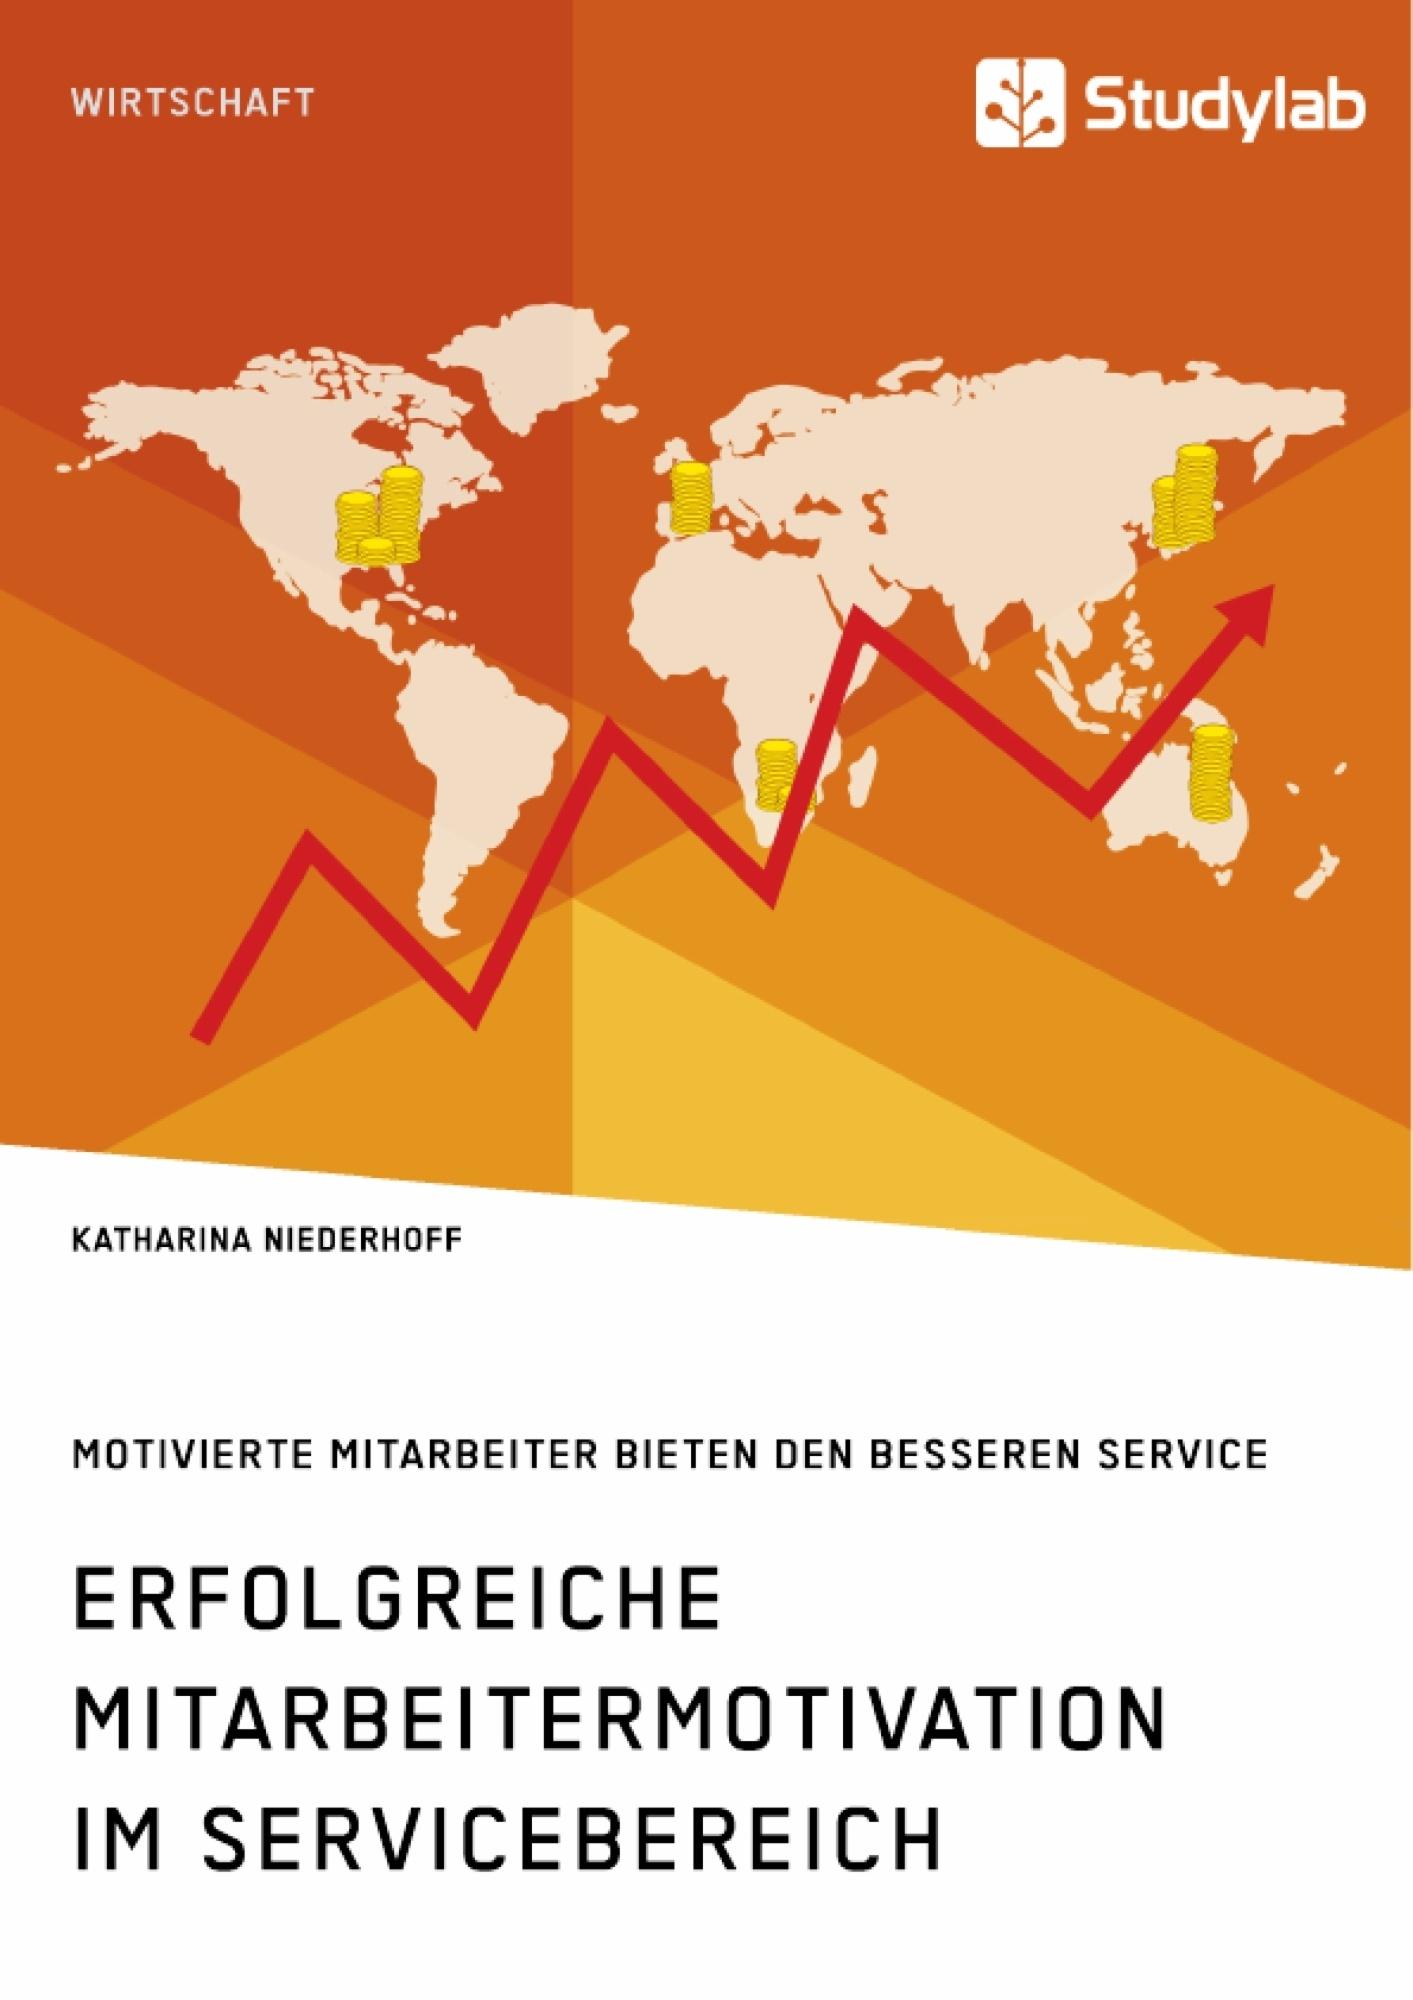 Titel: Erfolgreiche Mitarbeitermotivation im Servicebereich. Motivierte Mitarbeiter bieten den besseren Service